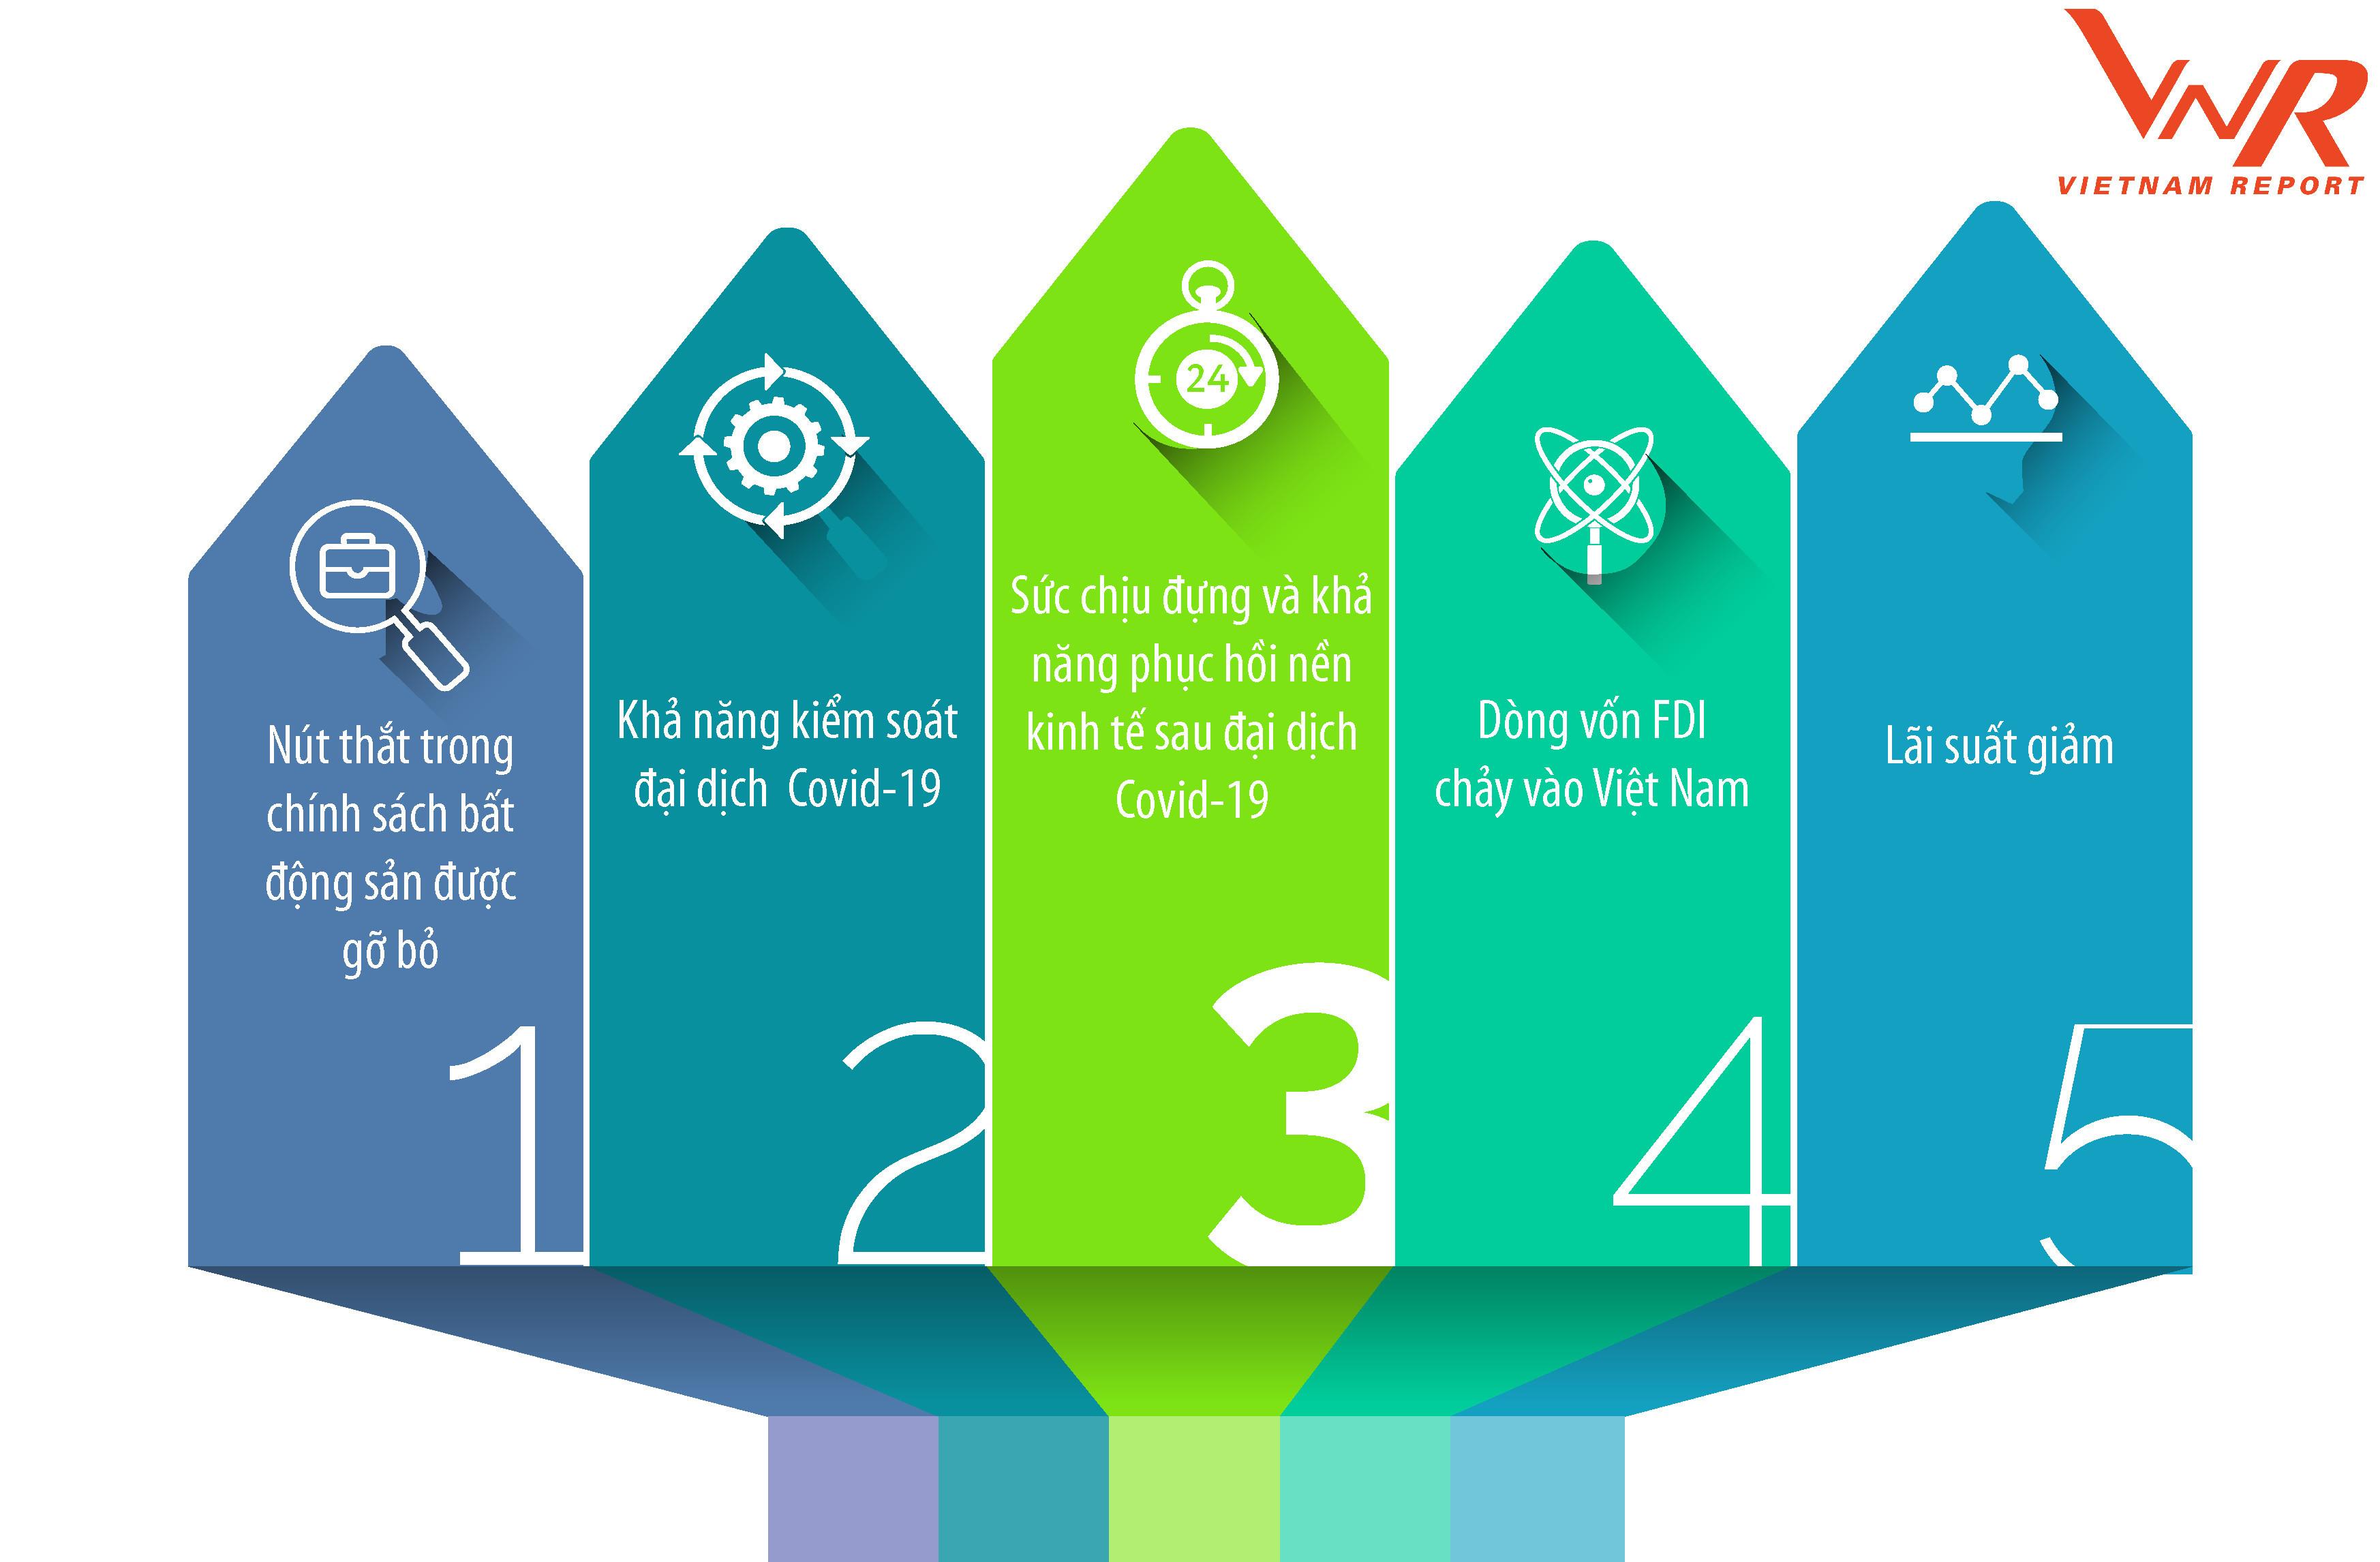 Top 10 Công ty uy tín ngành Bất động sản năm 2021